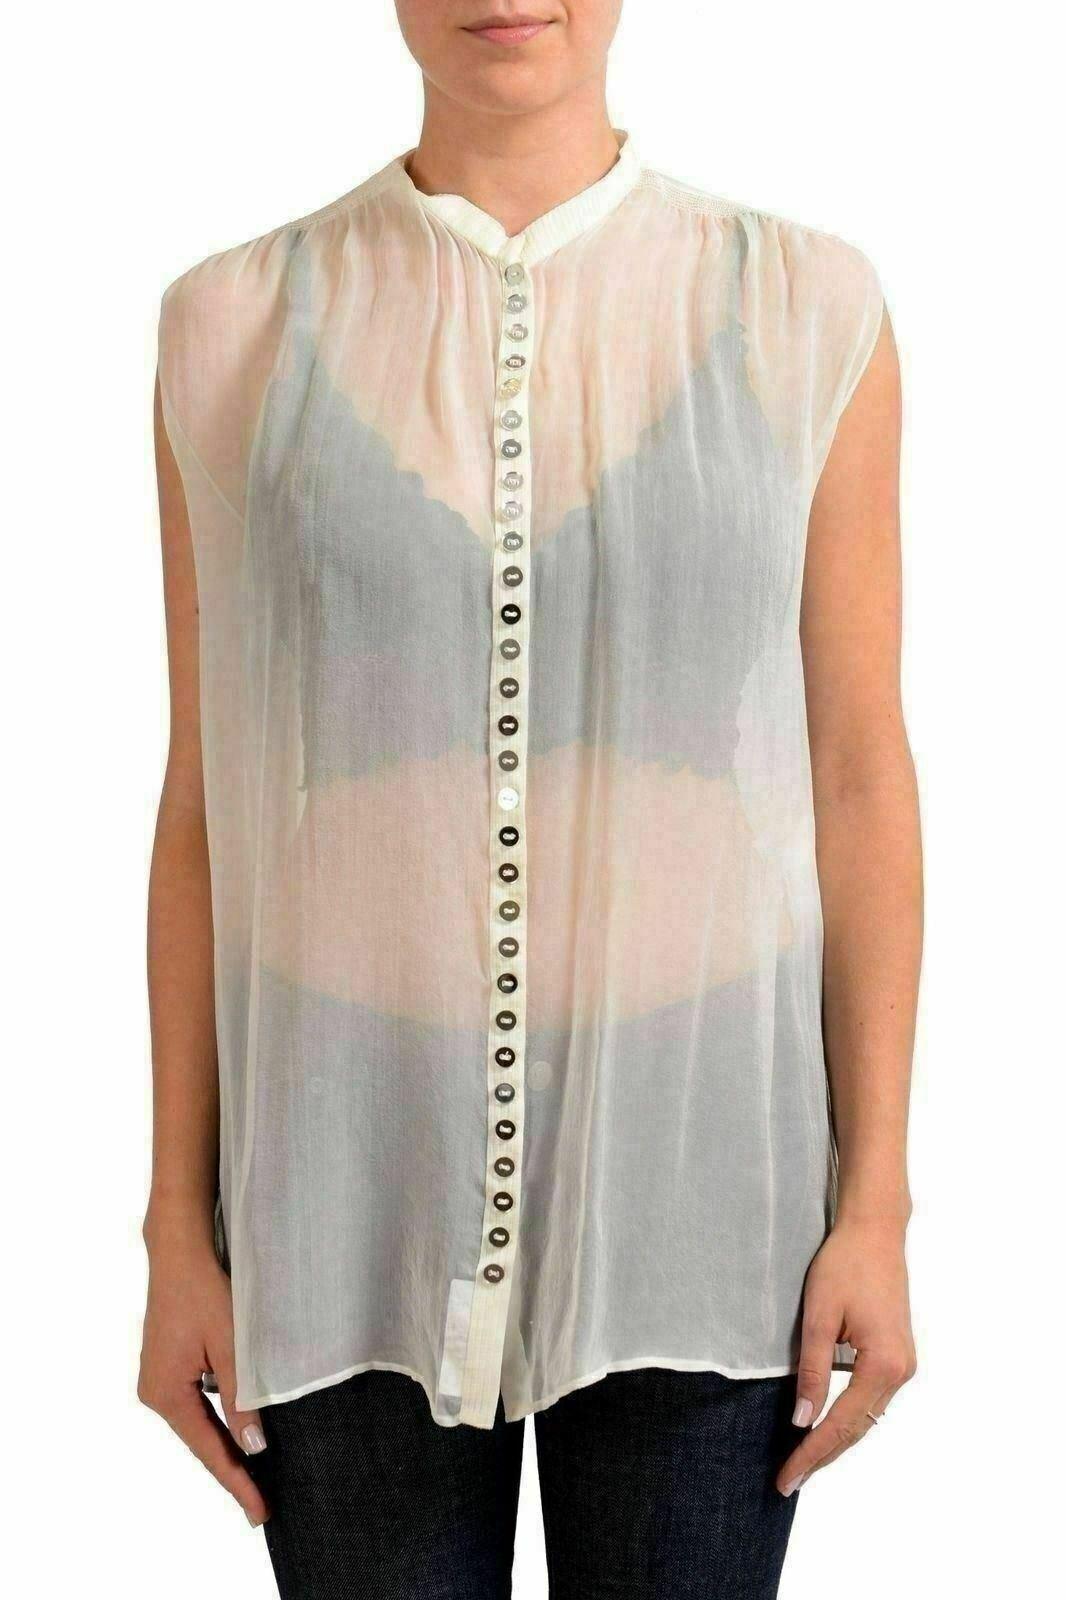 Viktor & Rolf 100% Silk White See Through Sleeveless Women'S Blouse US S IT 40